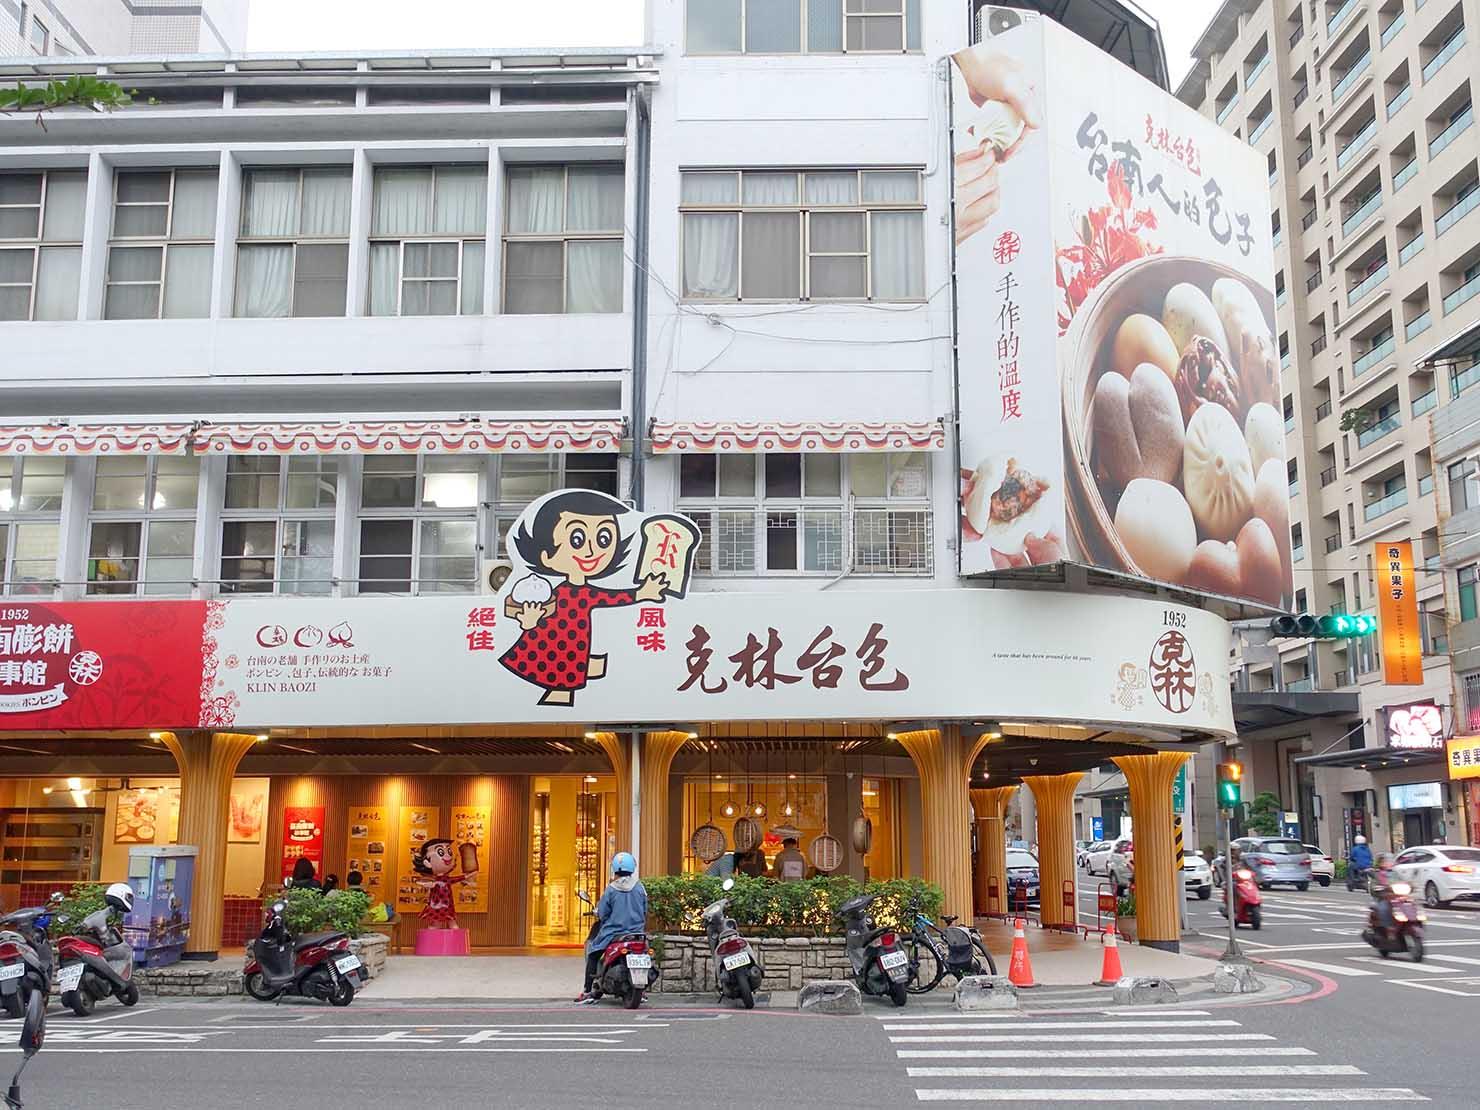 台南・孔廟エリアのおすすめグルメ店「克林台包」の外観